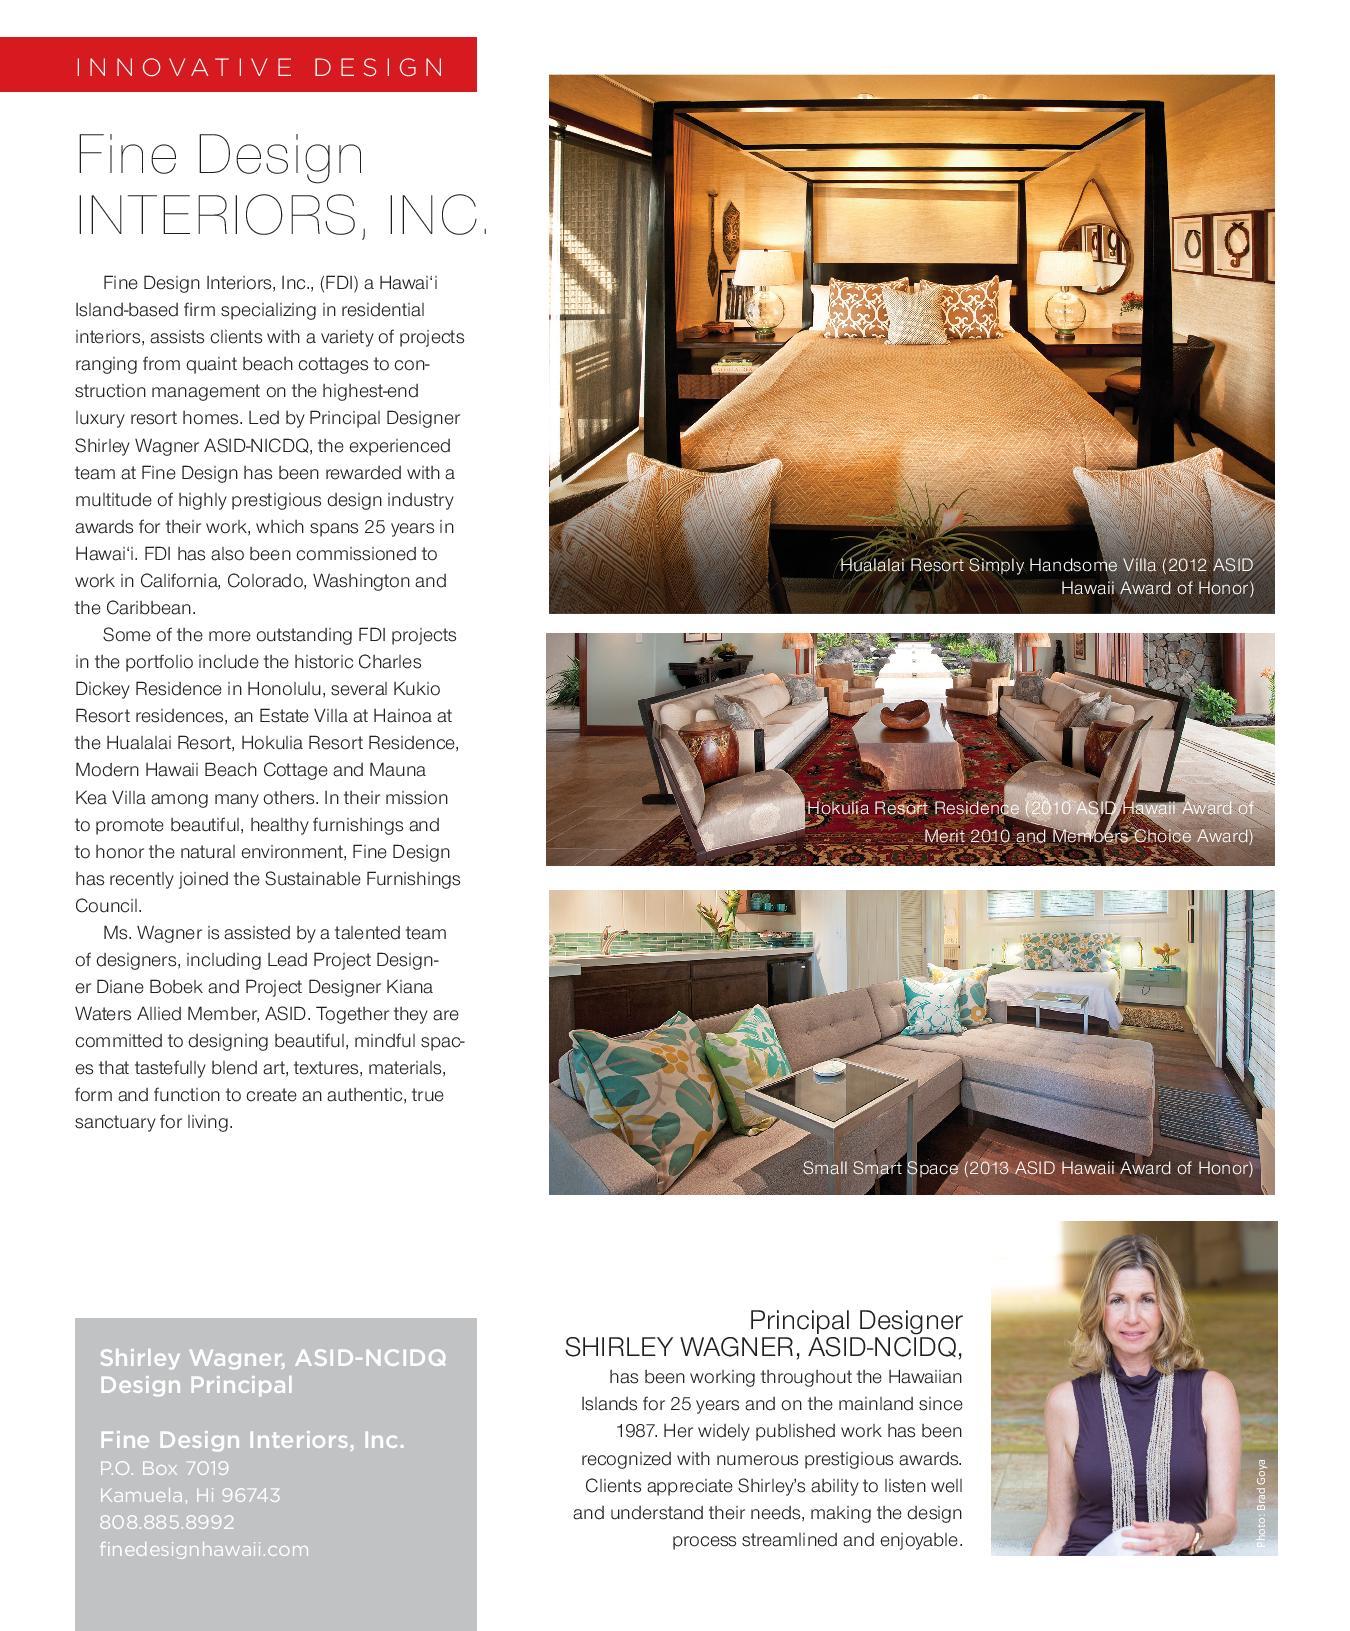 find design_innovative_pem_jan_14 2-page-001